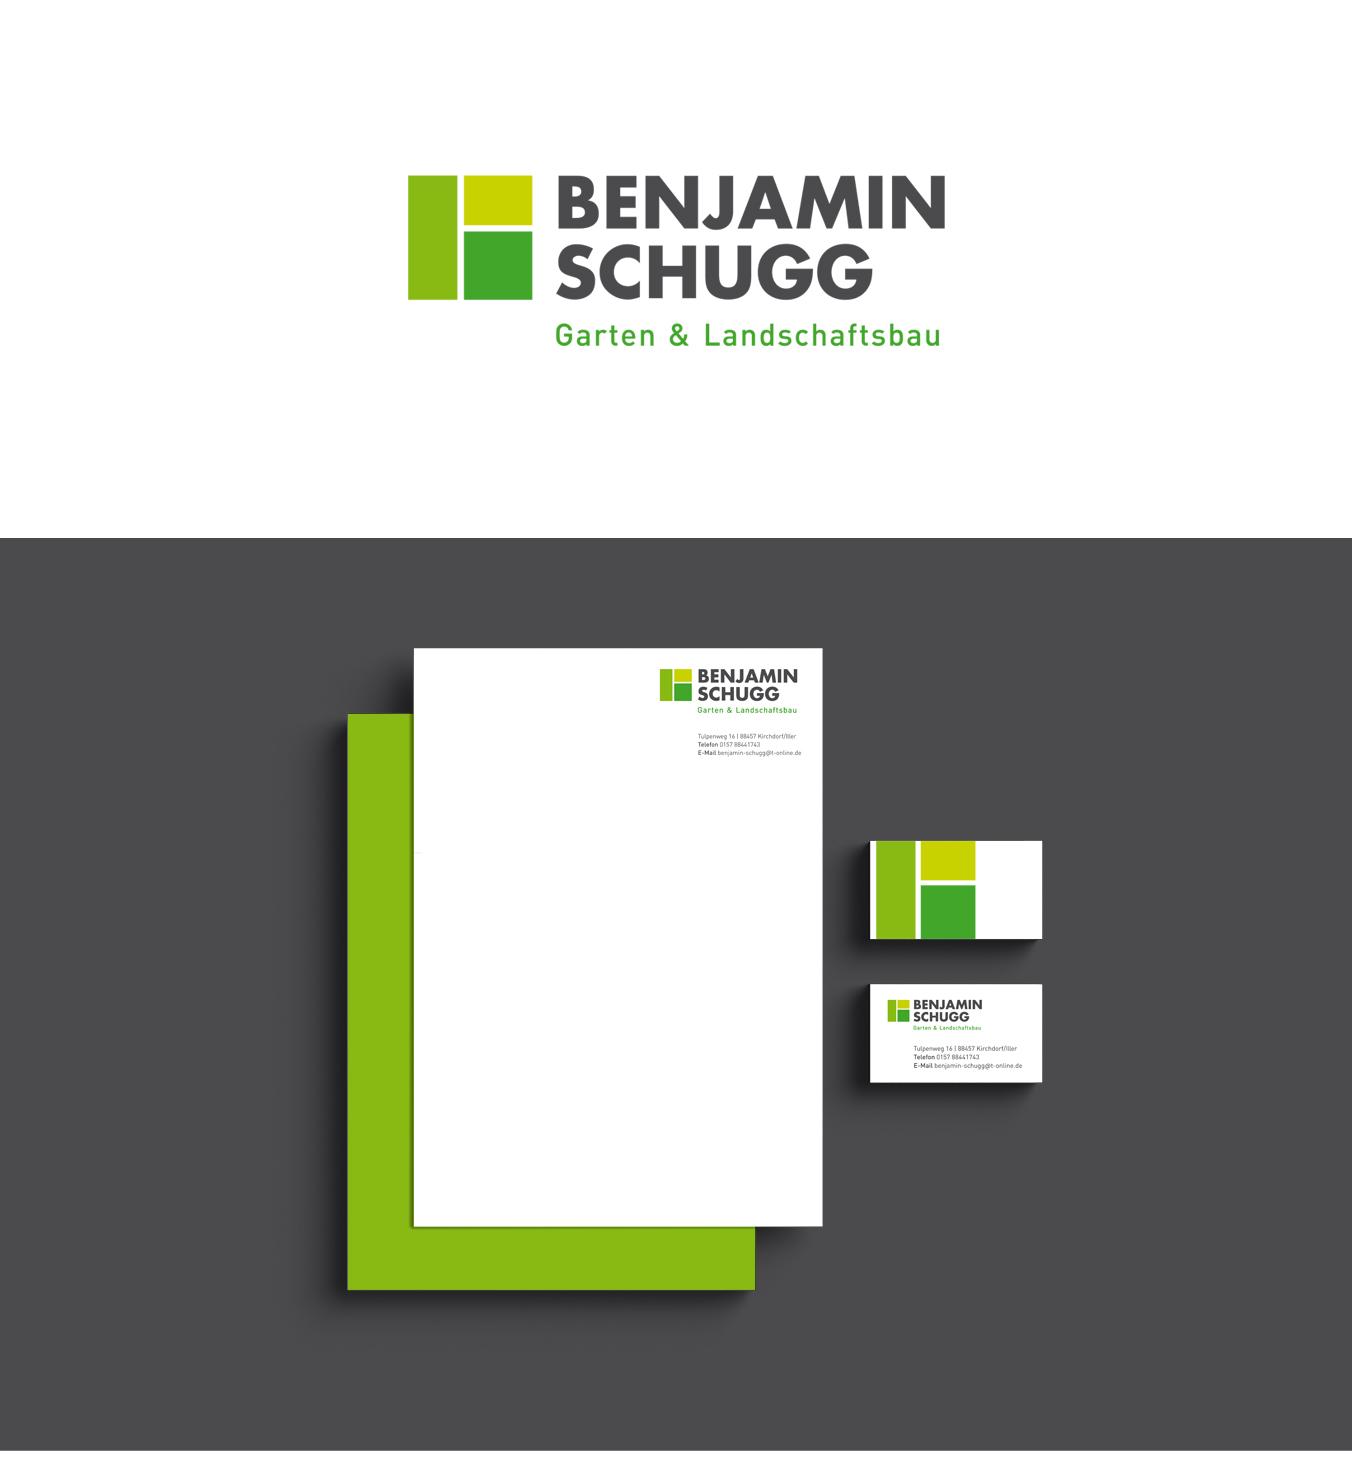 Schugg_web_02